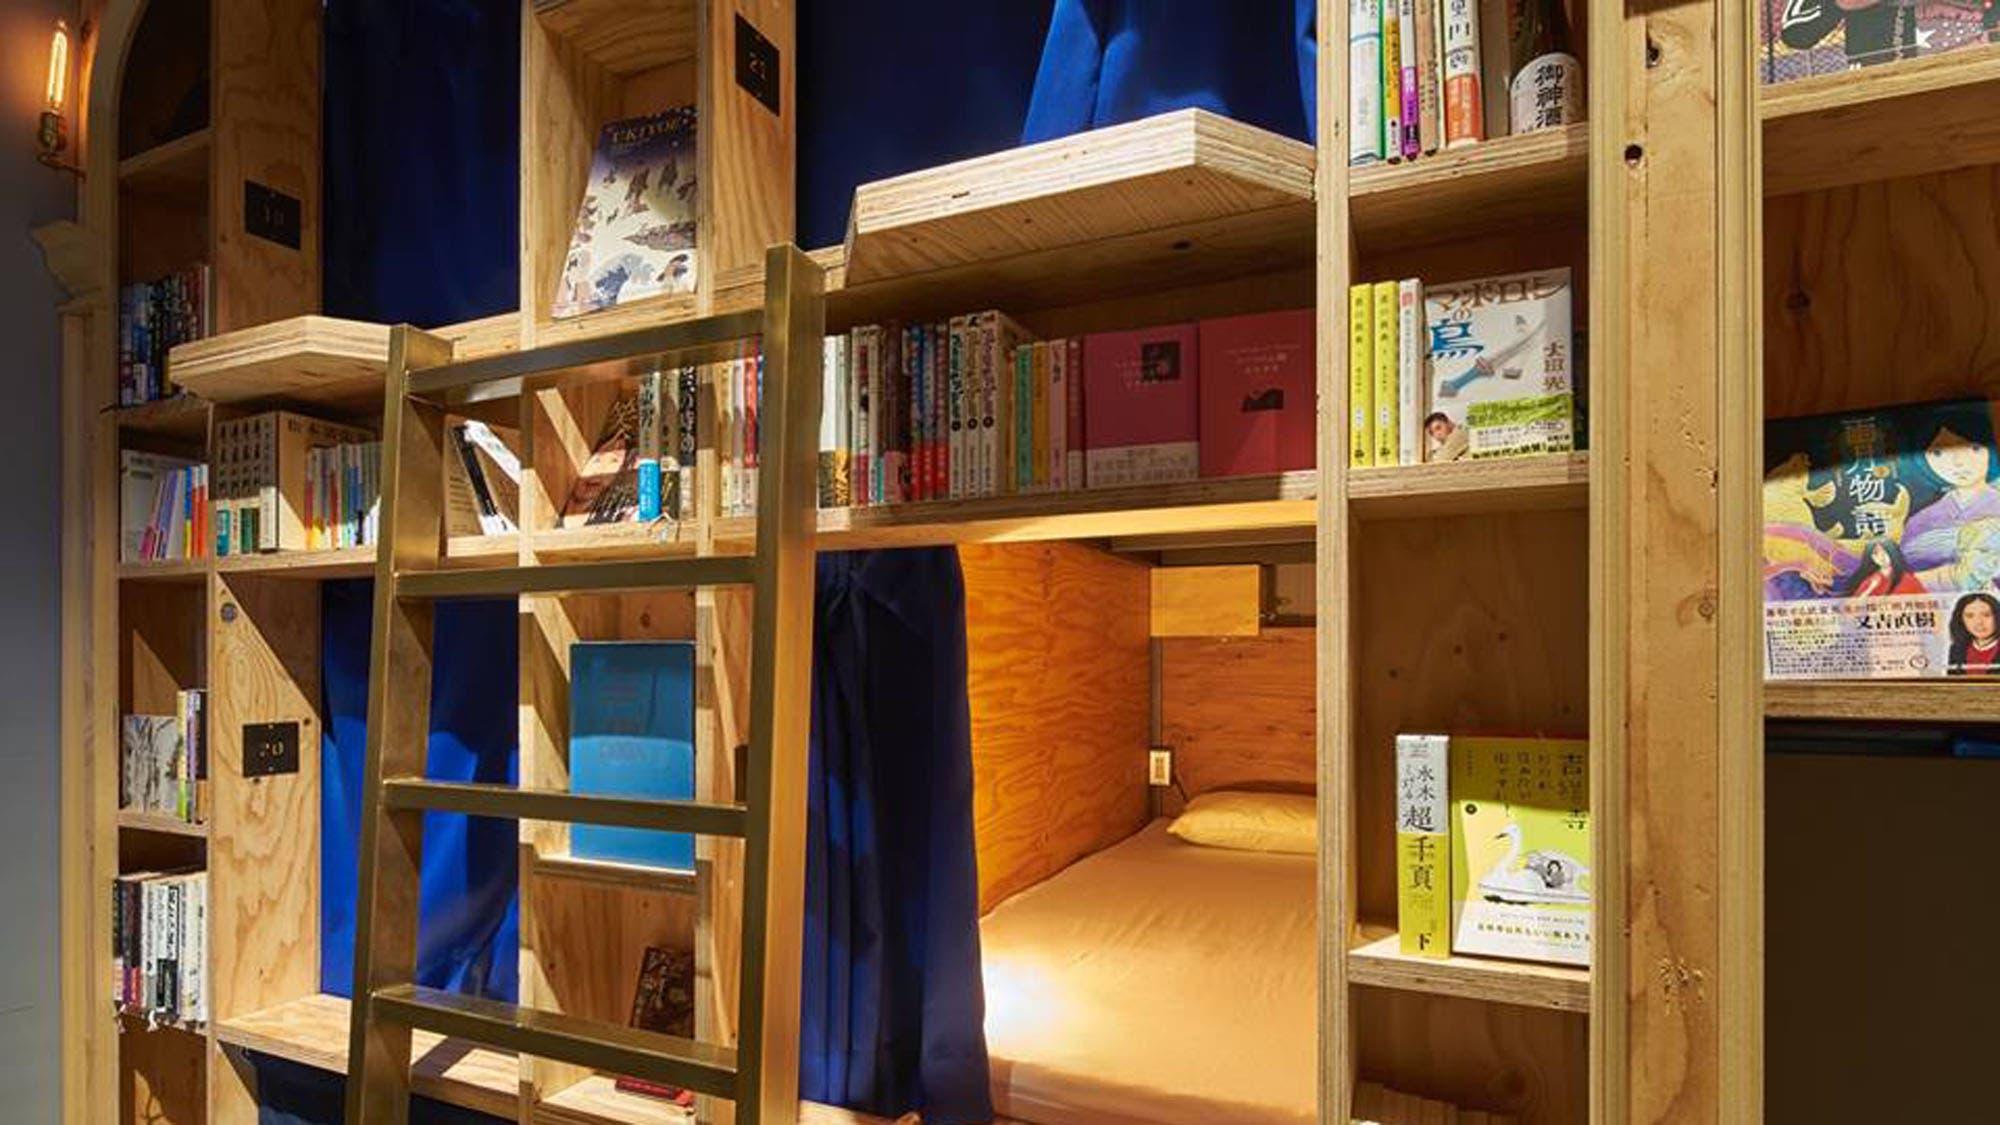 El encantador hotel que tiene bibliotecas en lugar de paredes